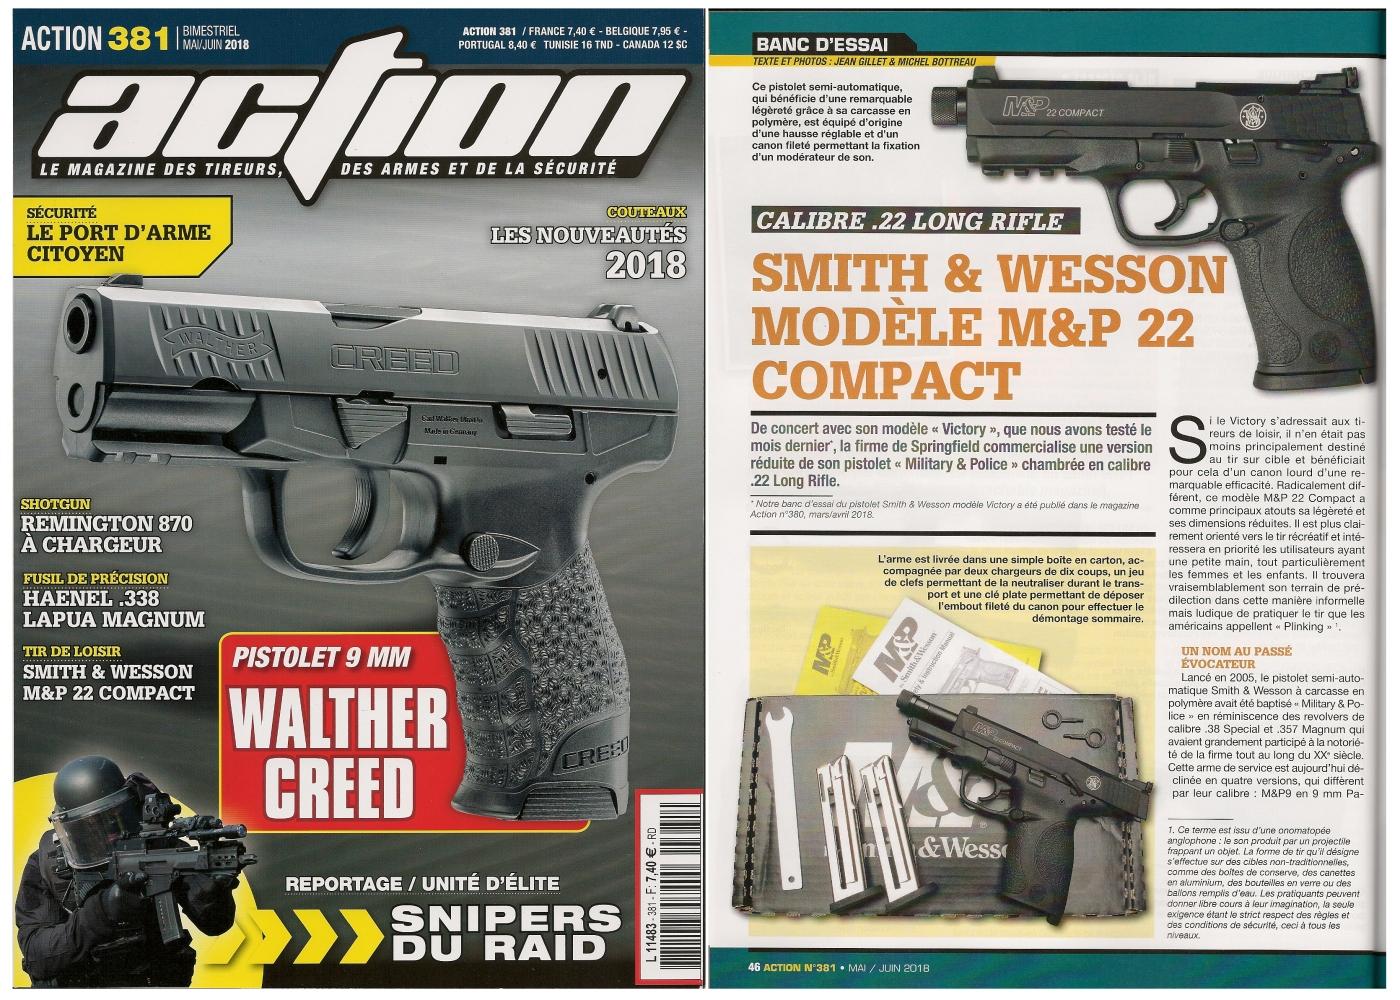 Le banc d'essai du pistolet S&W M&P 22 Compact a été publié sur 5 pages dans le magazine Action n° 381 (mai/juin 2018).